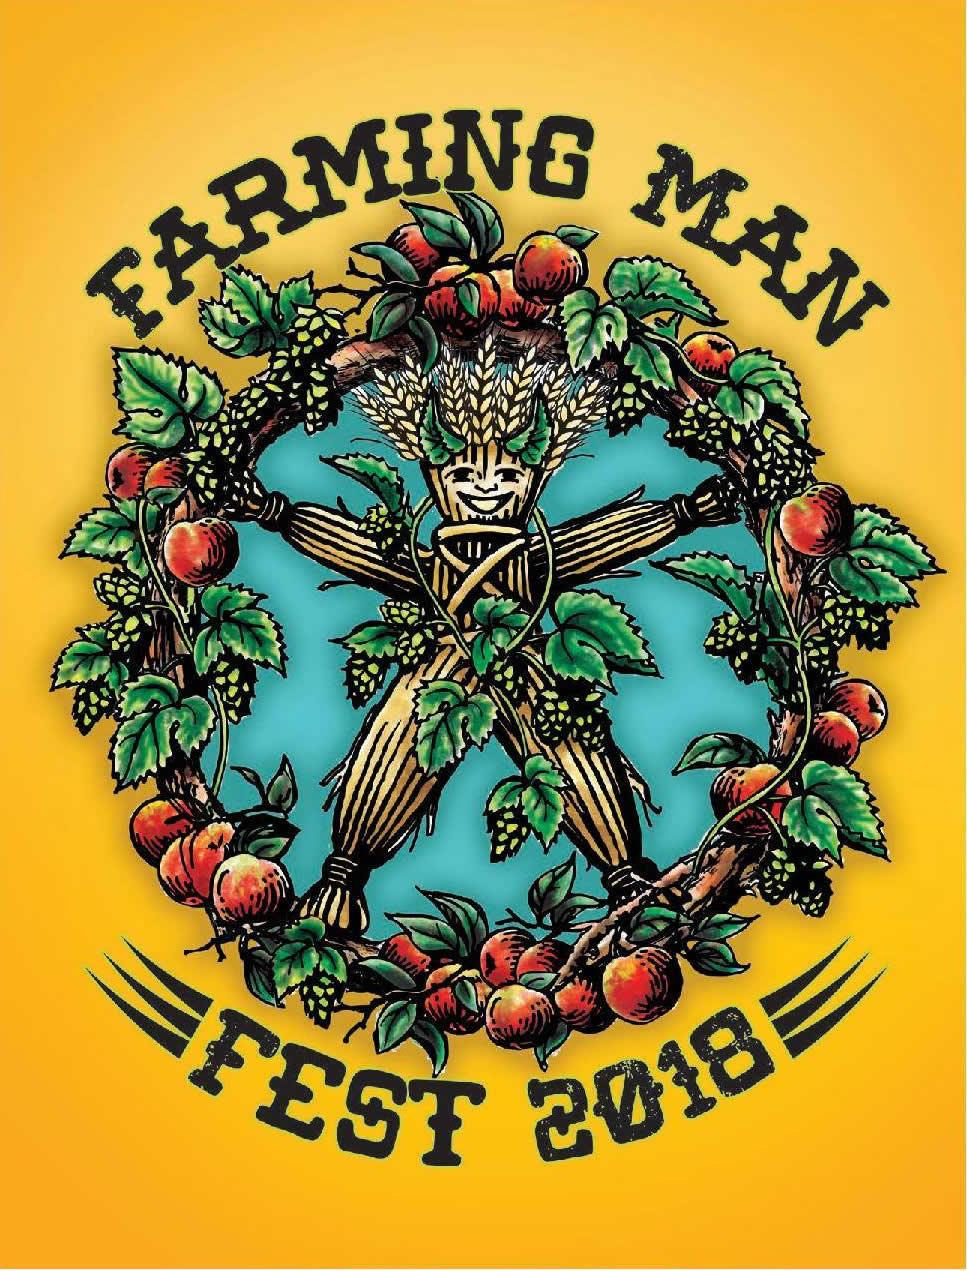 Farming Man Fest 2018 logo